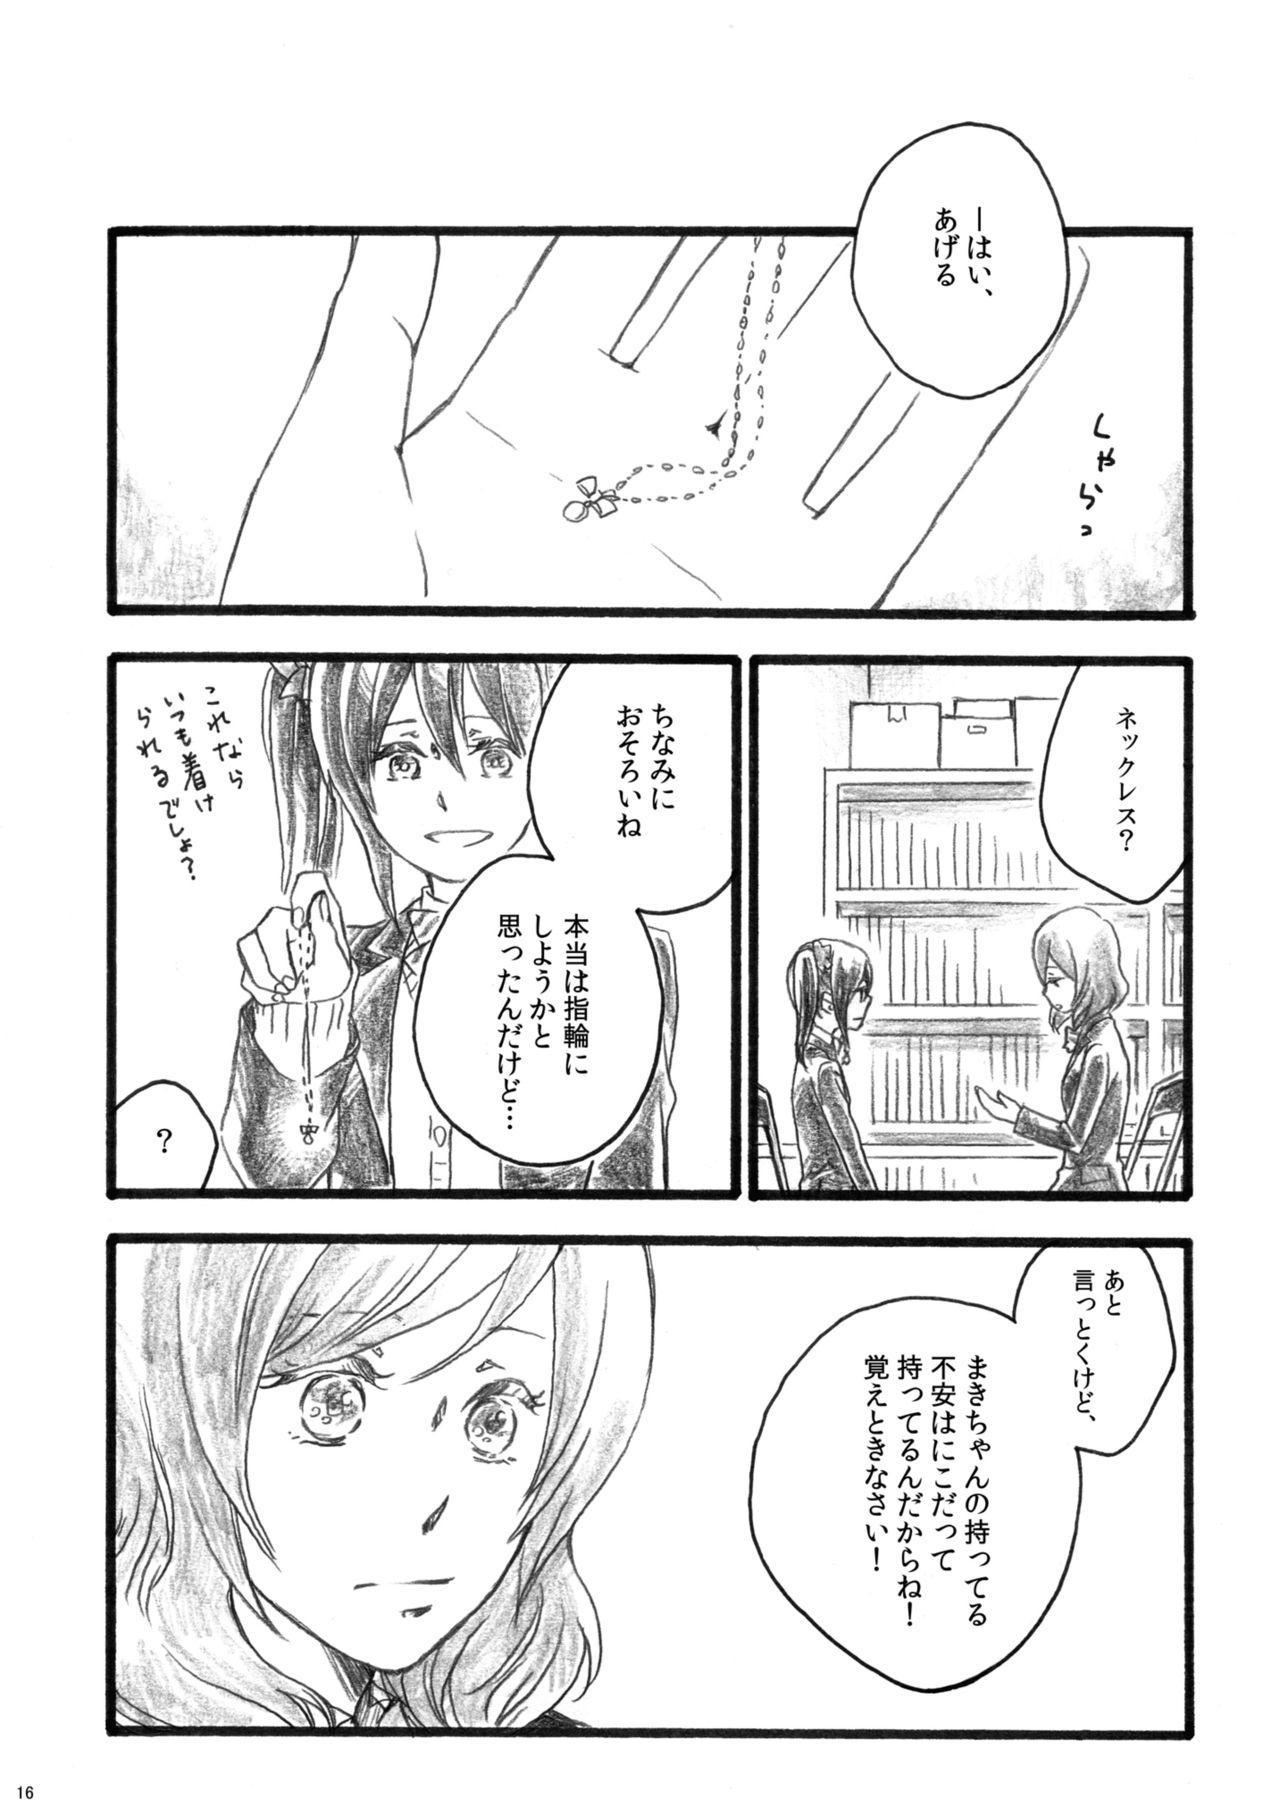 Sakura no ato 15